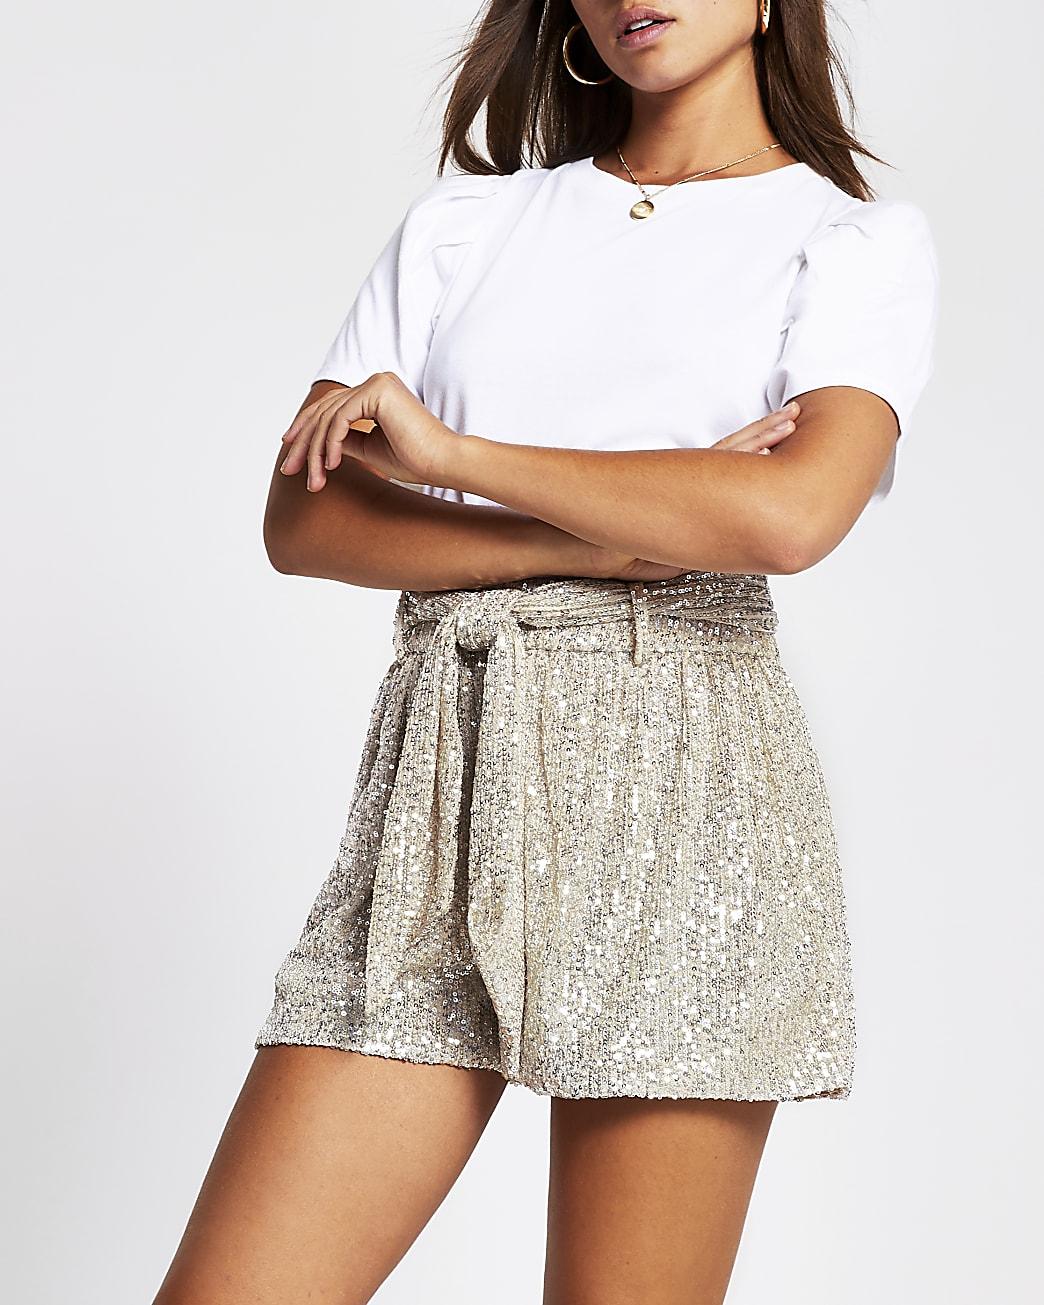 Silver sequin embellished shorts